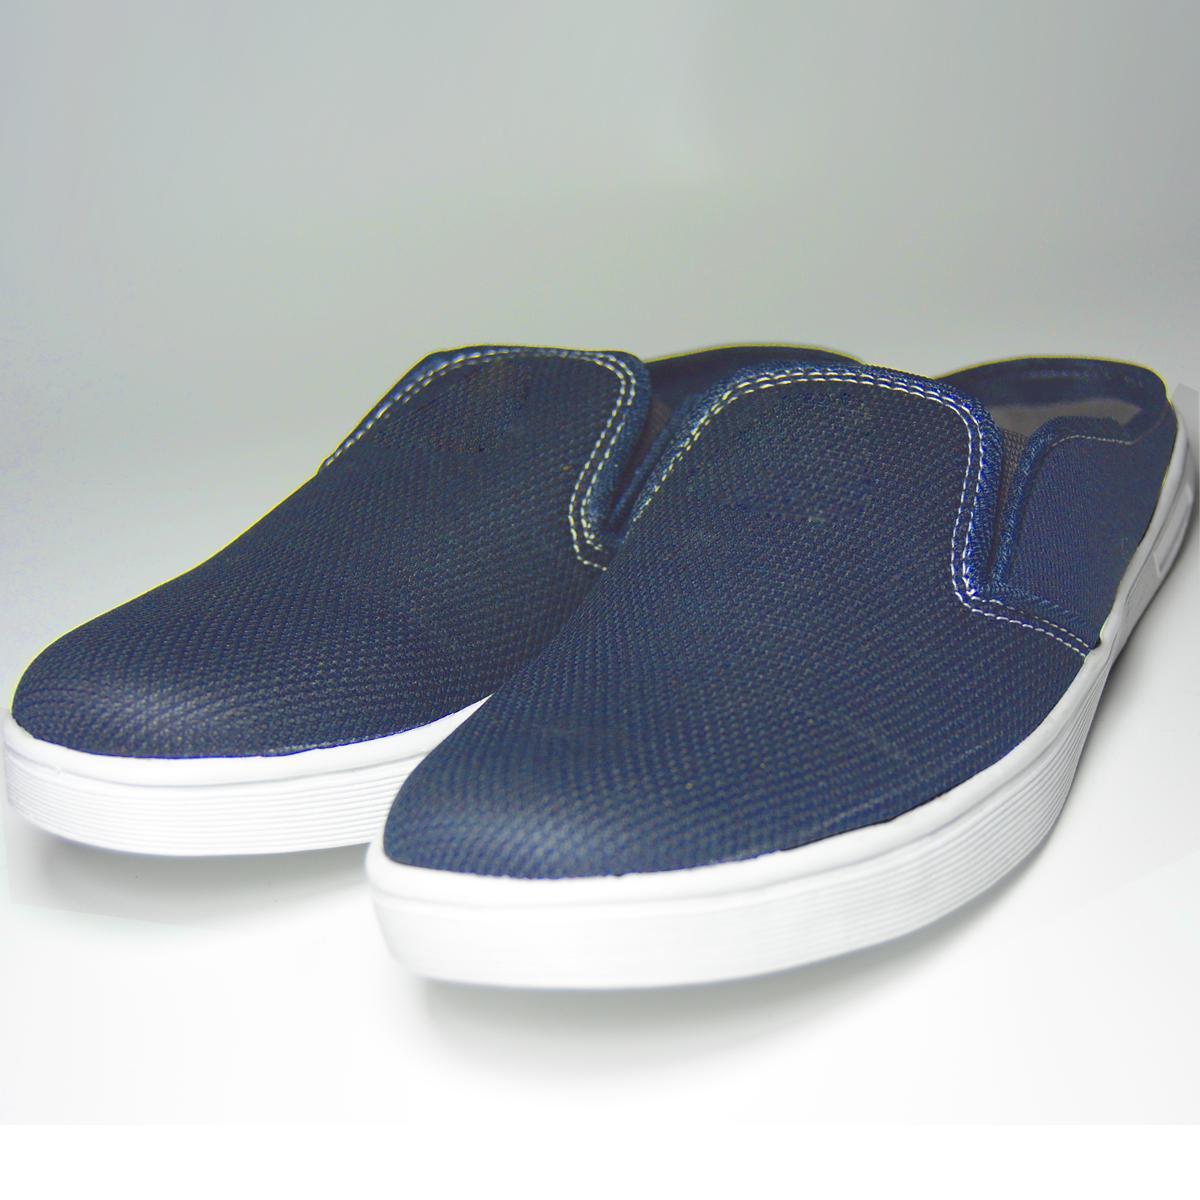 Harga Sepatu Pria Kets Sneakers Dan Kasual Dream Slip On Campare 005